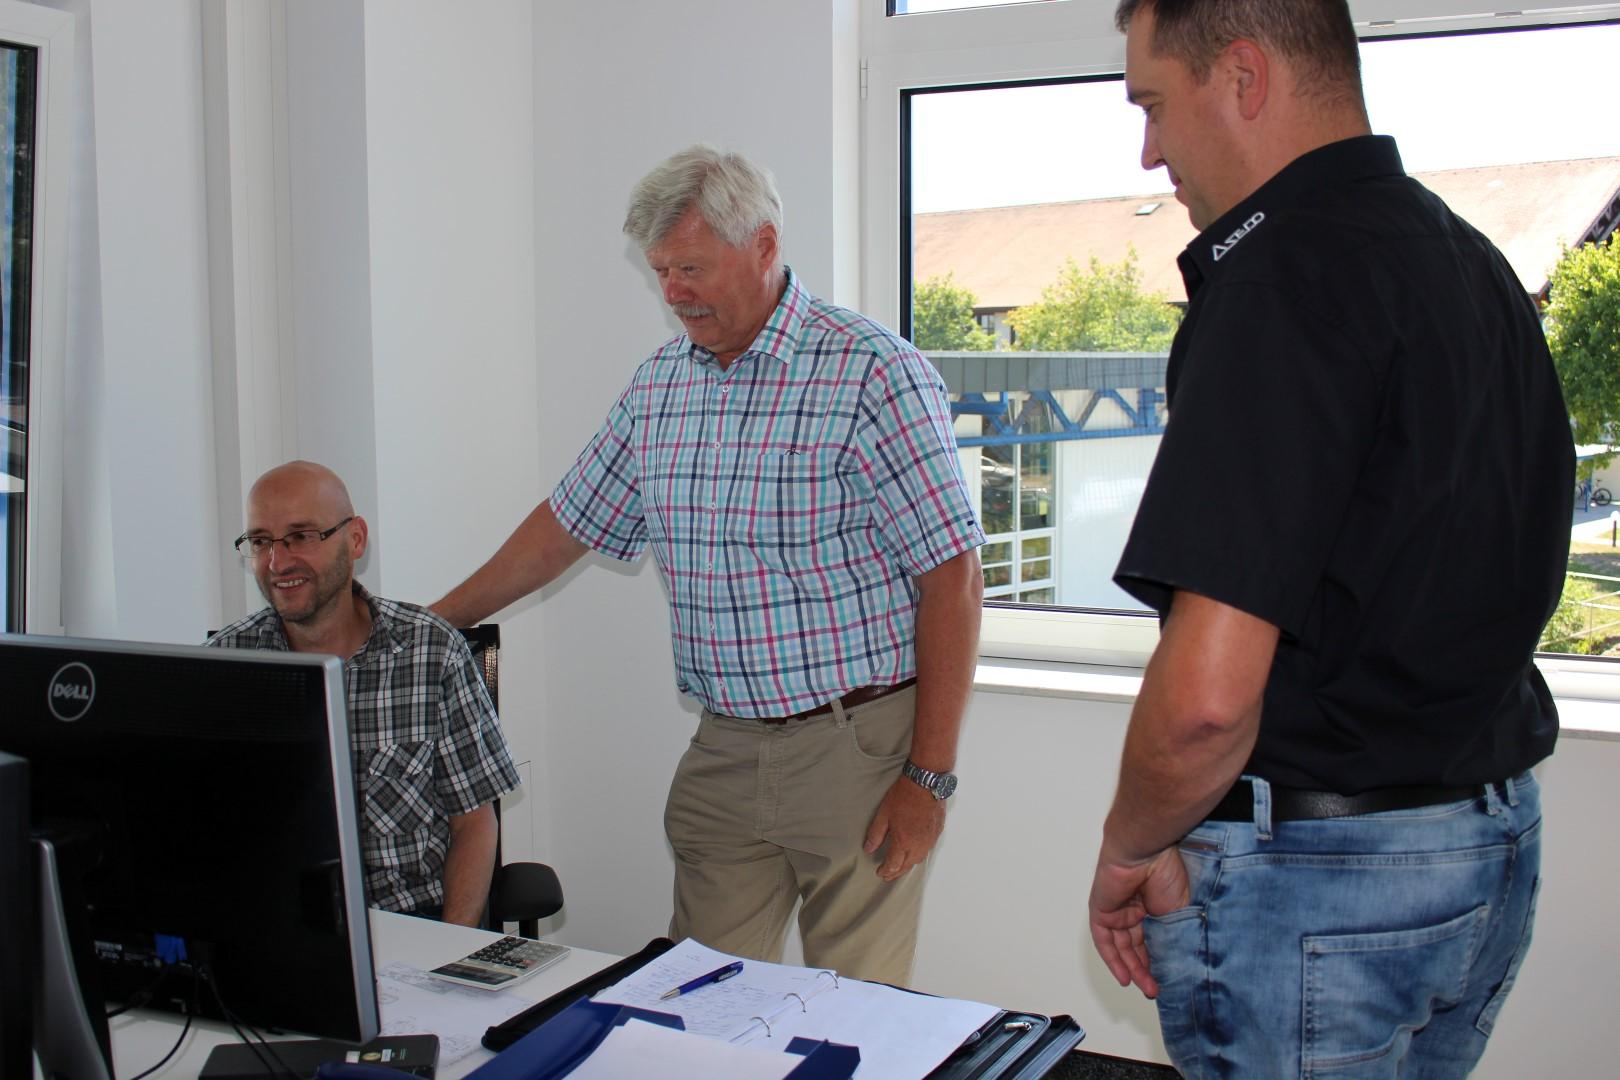 Re-Zertifizierung Des Qualitätsmanagements Bei ASEDO